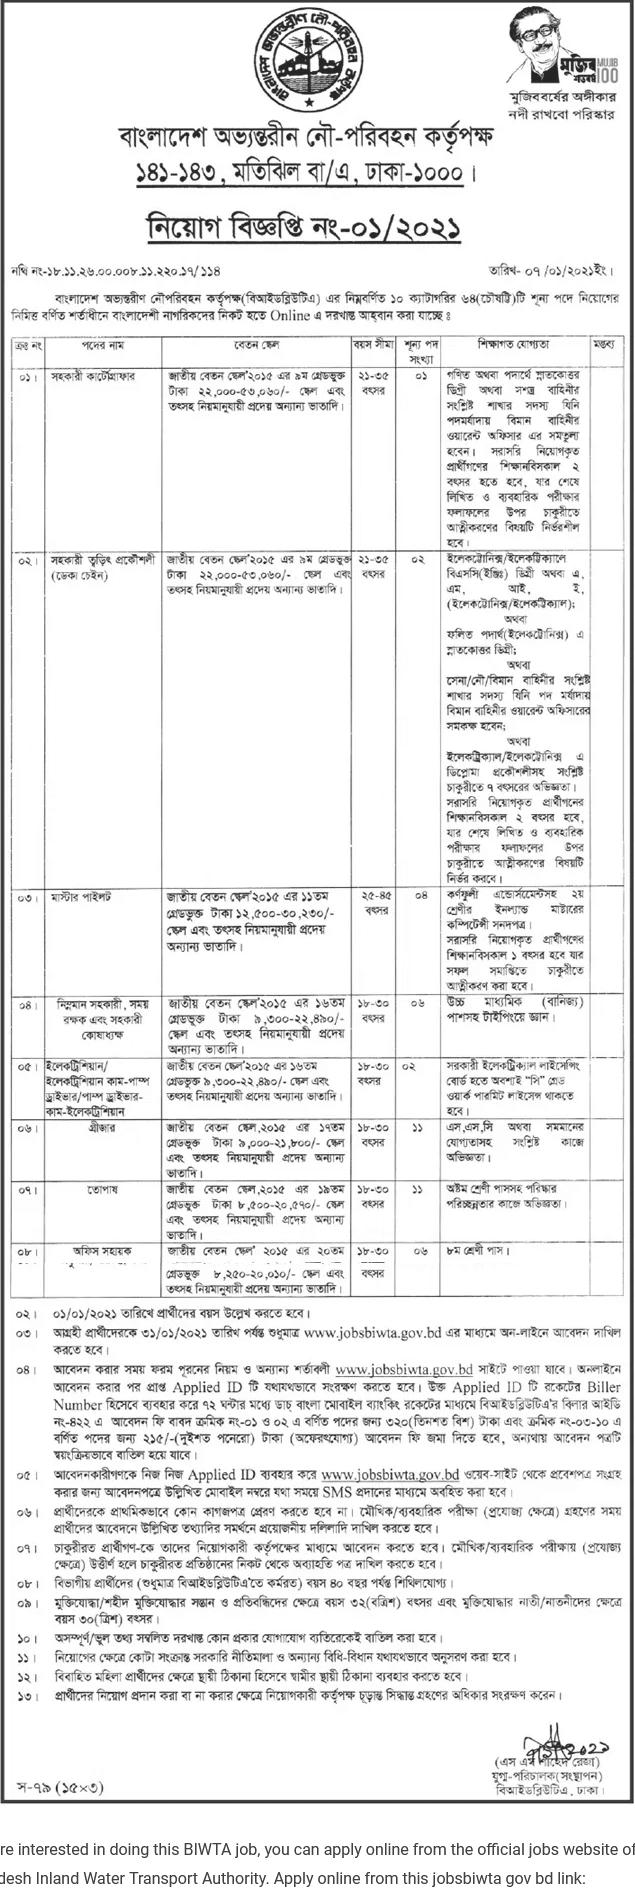 Bangladesh Inland Water Transport Authority BIWTA Job Circular 2021